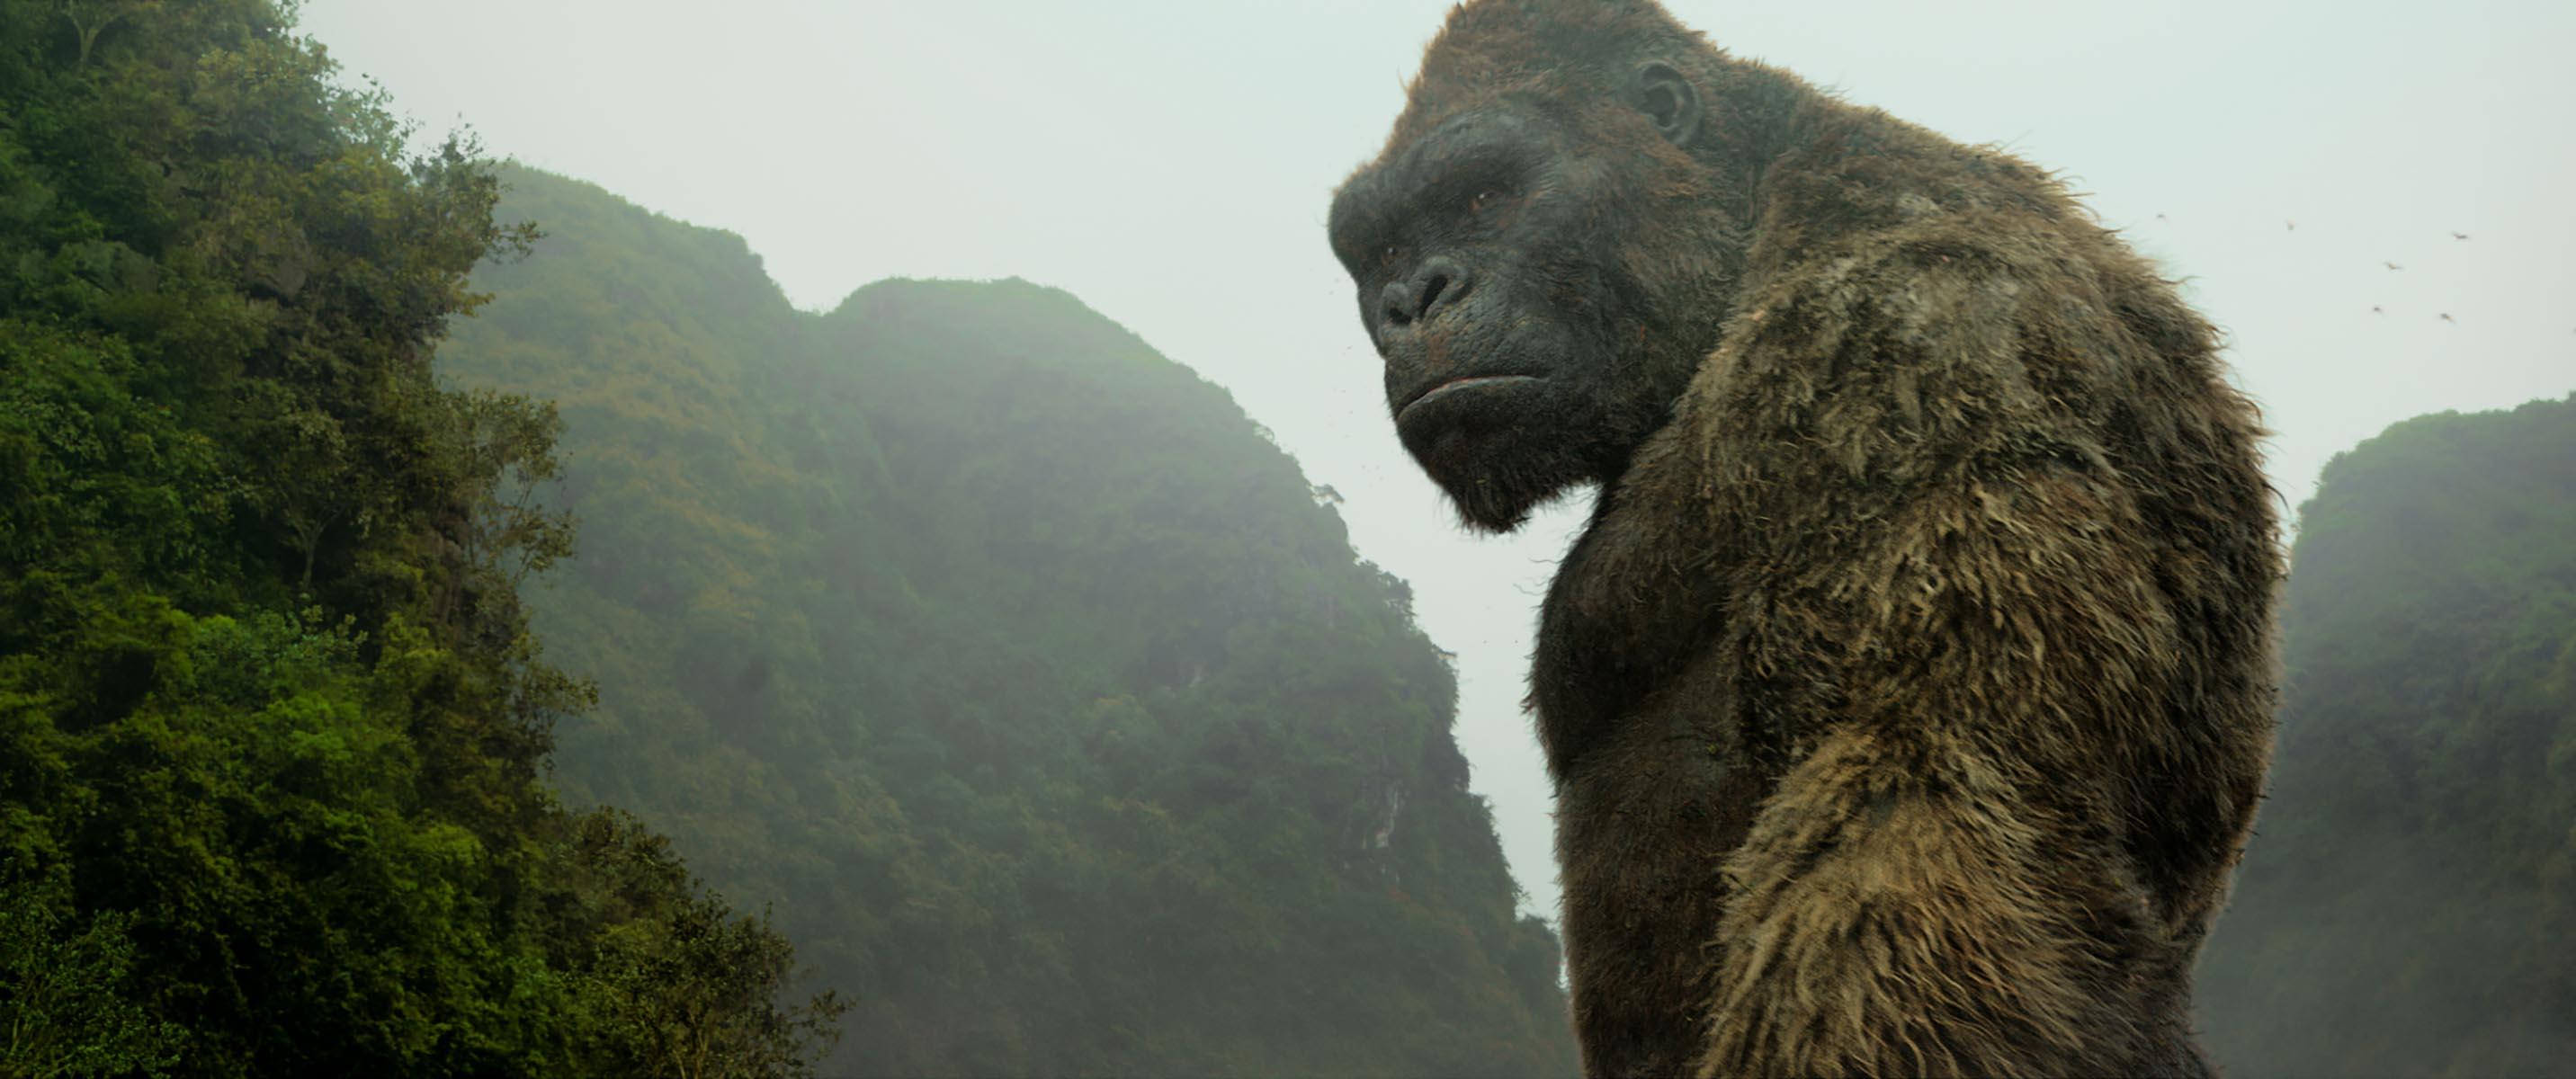 Kong: Skull Island Besetzung